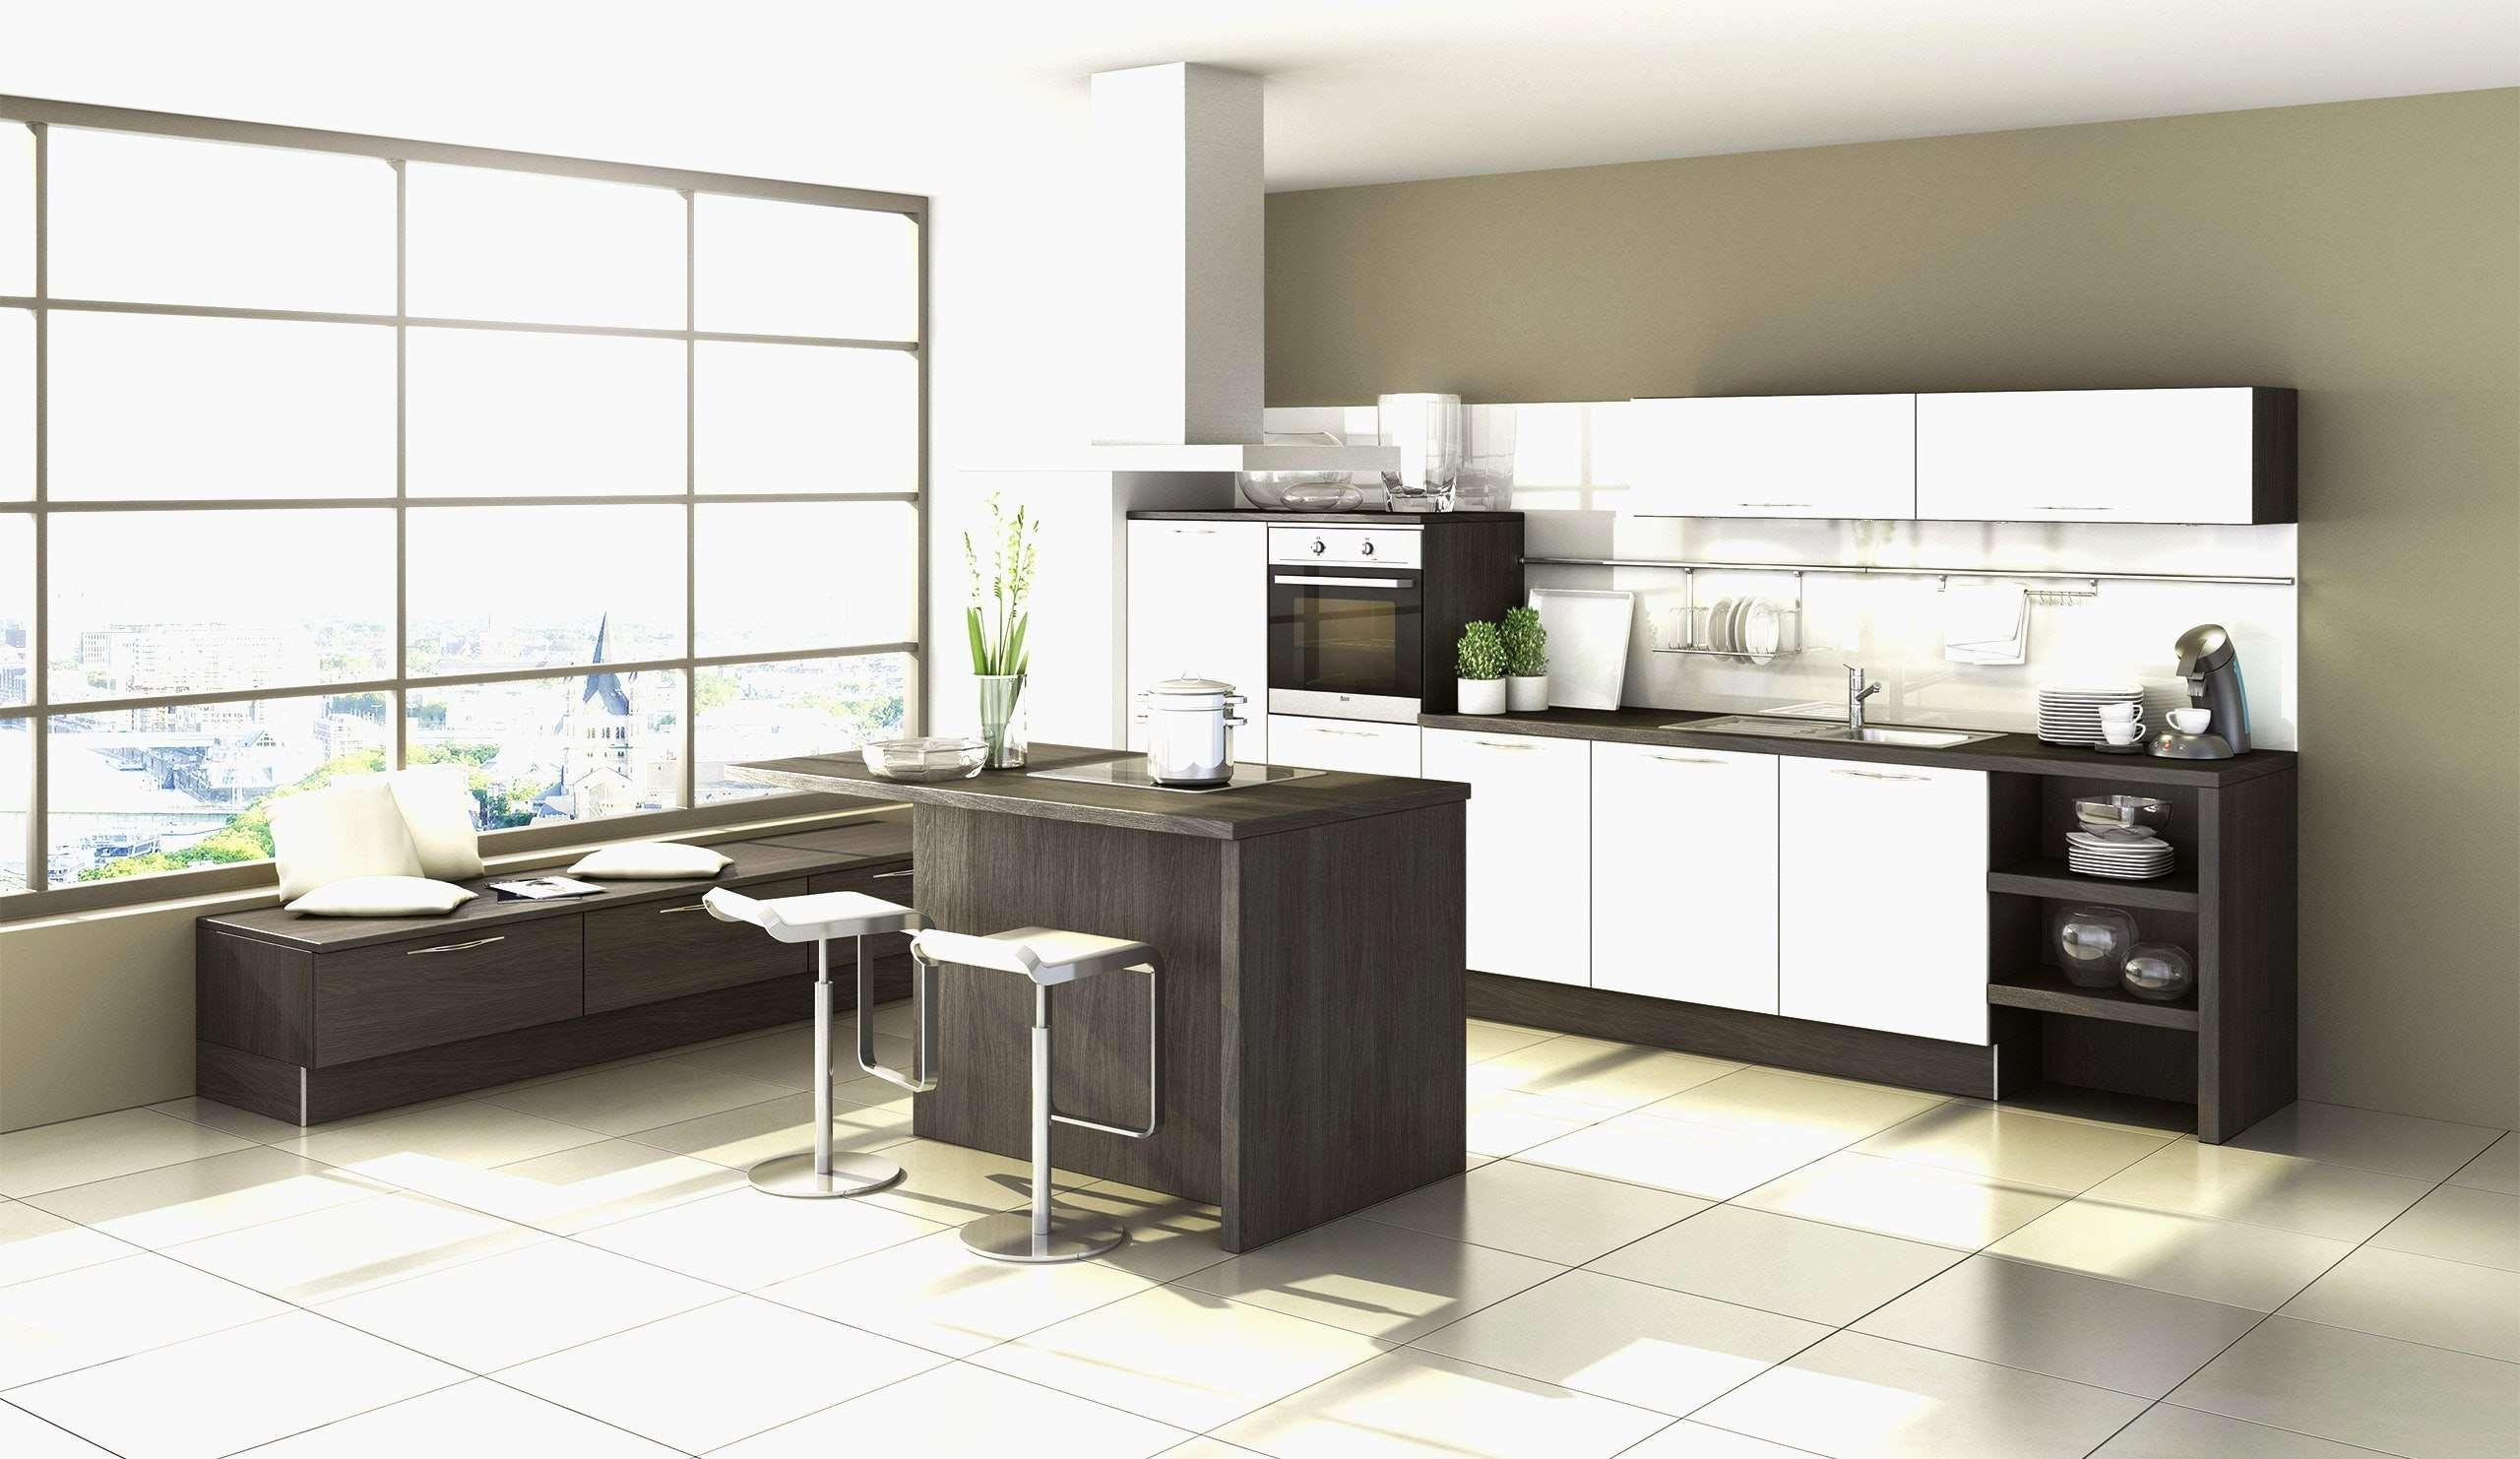 U Formiges Sofa Kuche Weiss L Form Kleine Kuche 4 Qm Arbeitsplatte Giessen Uformiges Luxus U Formiges Sofa Konzept Kuche Weiss L Form In 2020 Kitchen Home Decor Decor